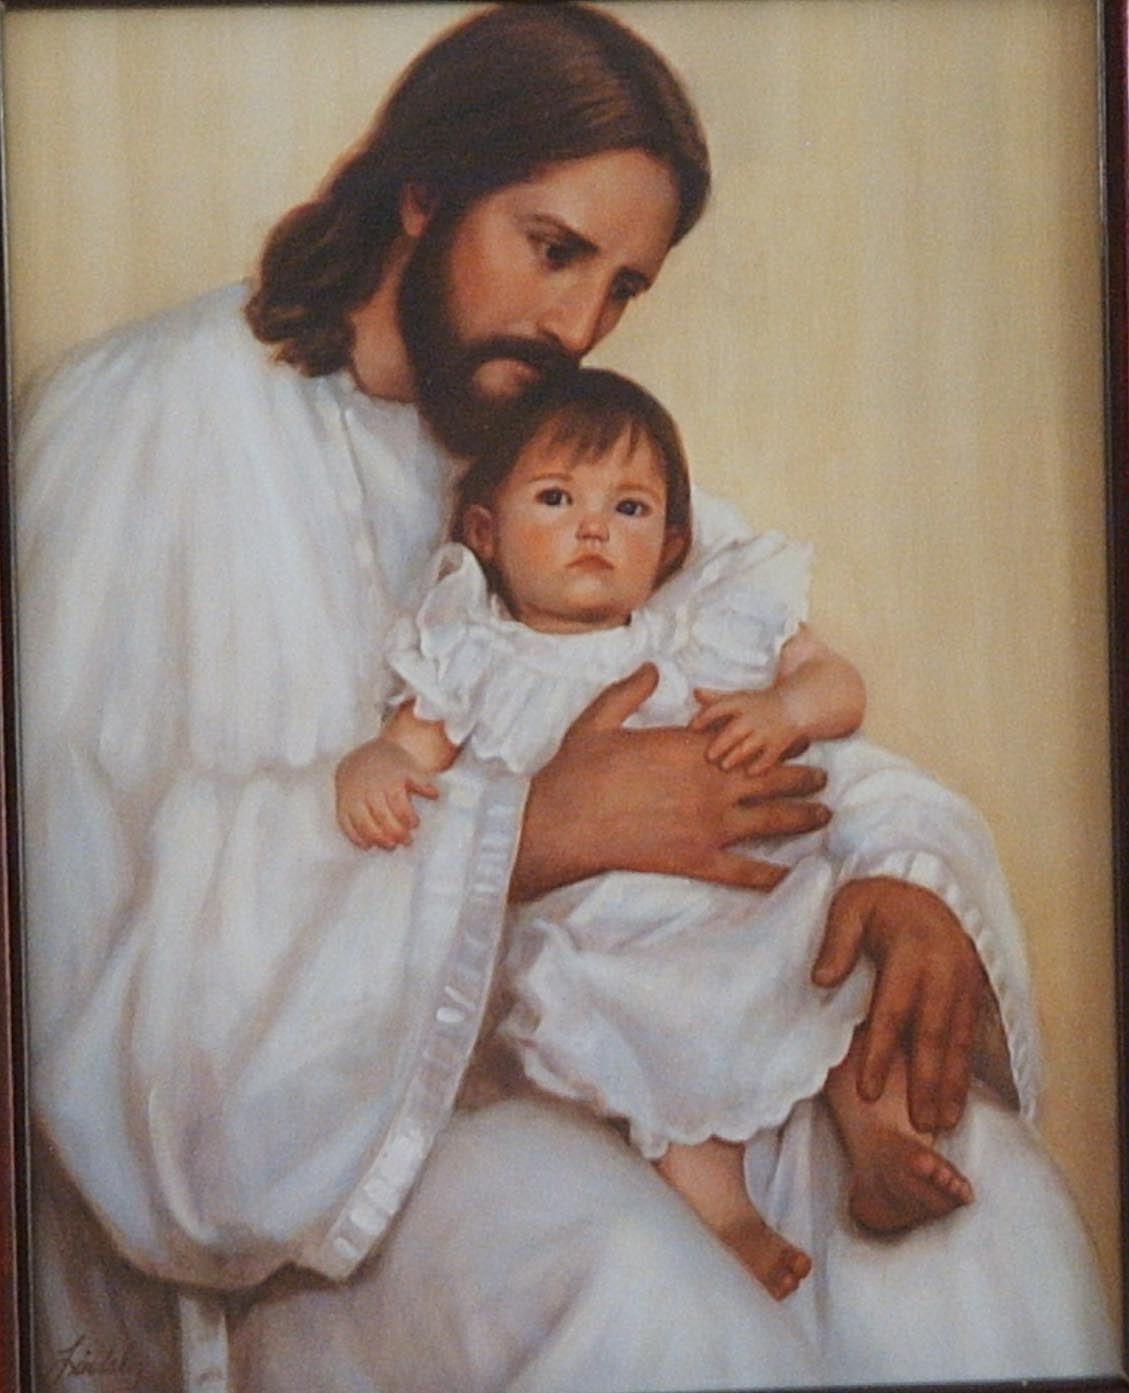 christmas child savior and lord